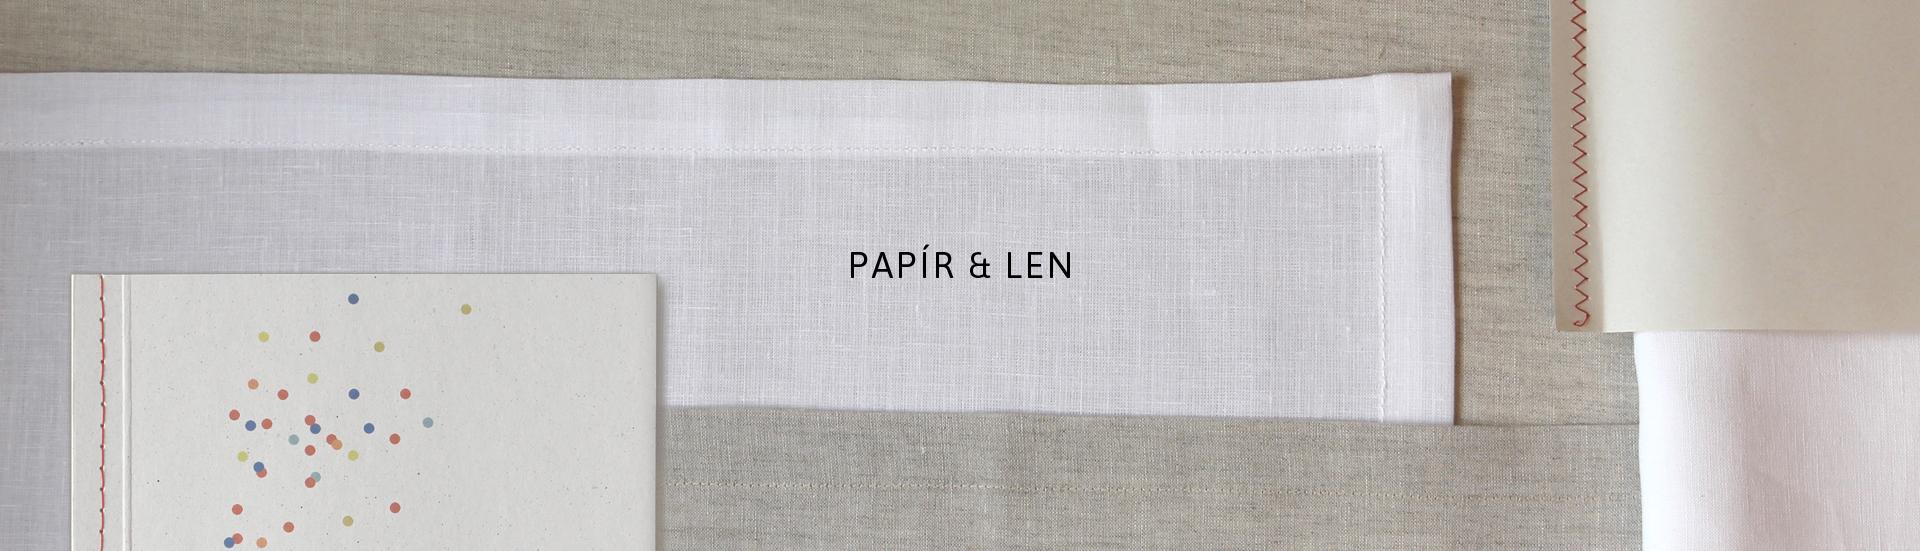 malé autorské papírnictví a originální bytový textil